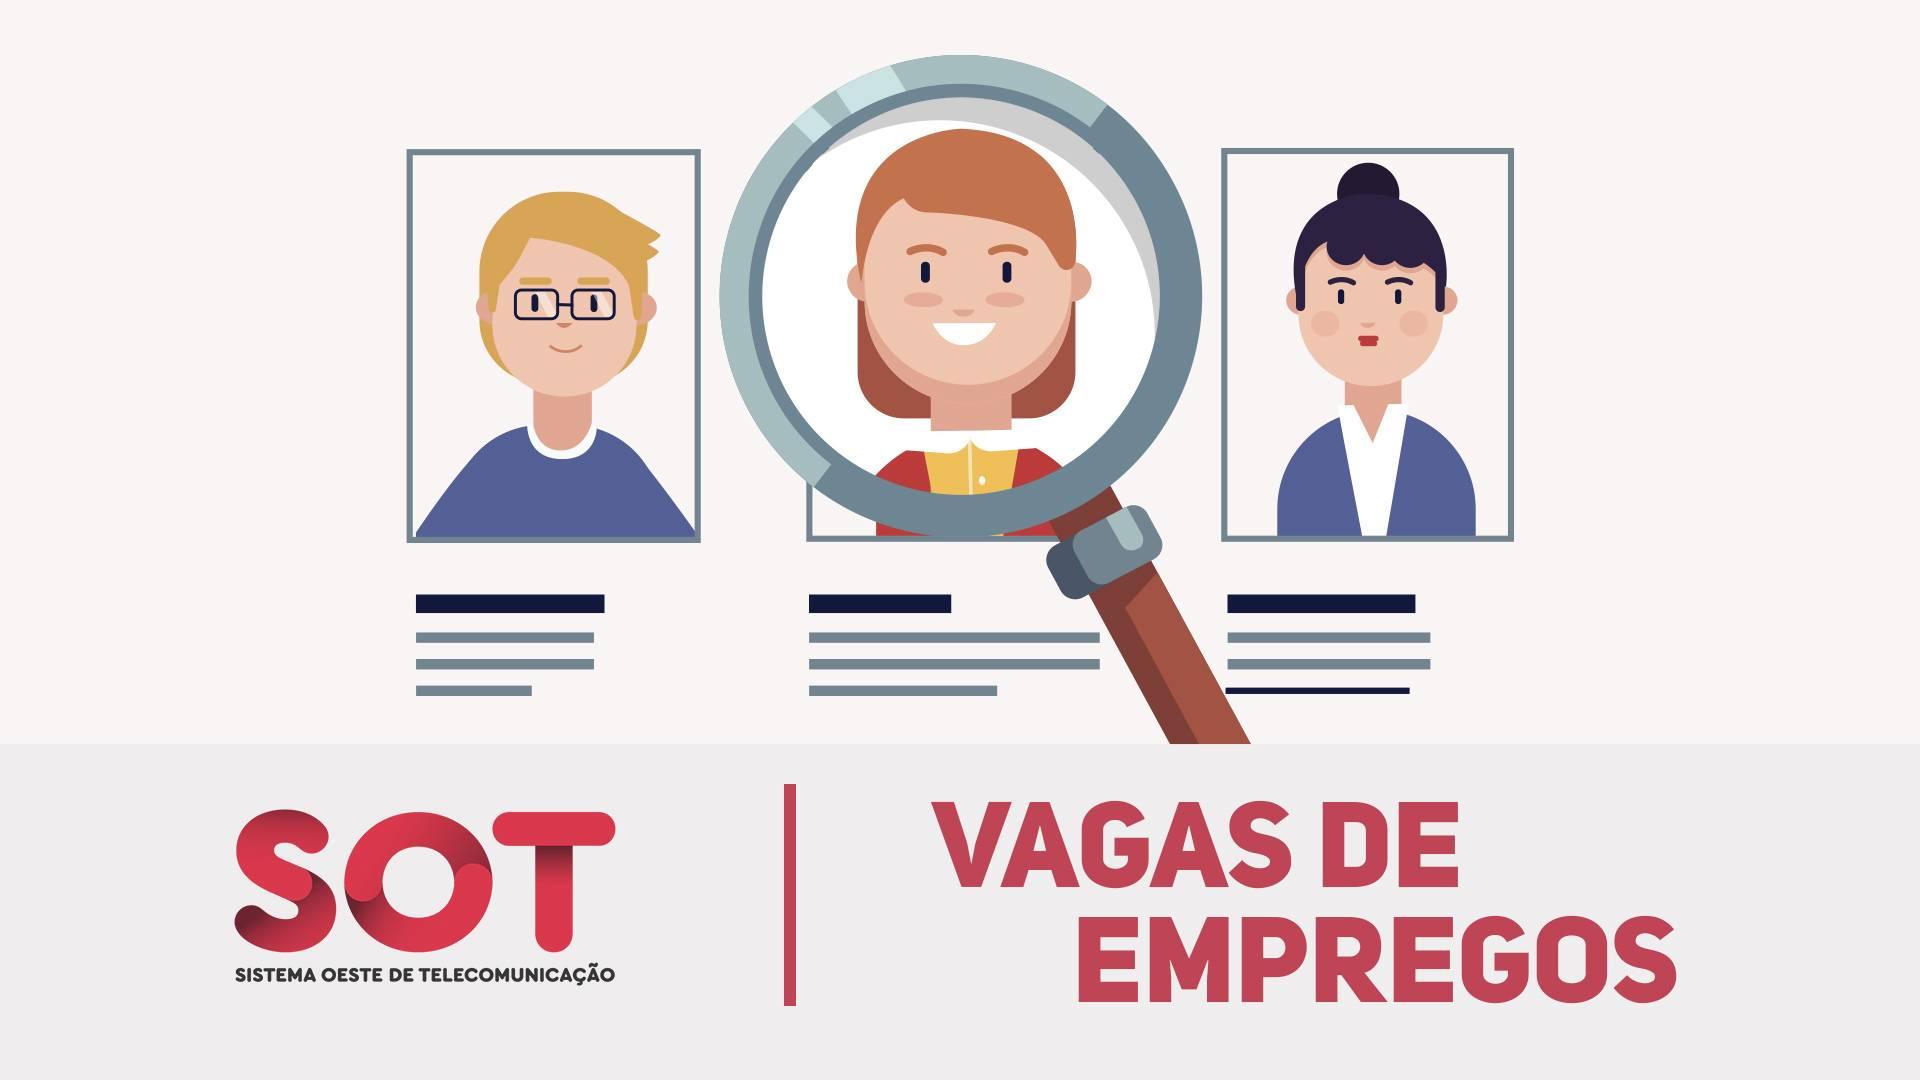 Vagas de Empregos: Veja as principais oportunidades disponíveis nesta terça-feira (27/07)